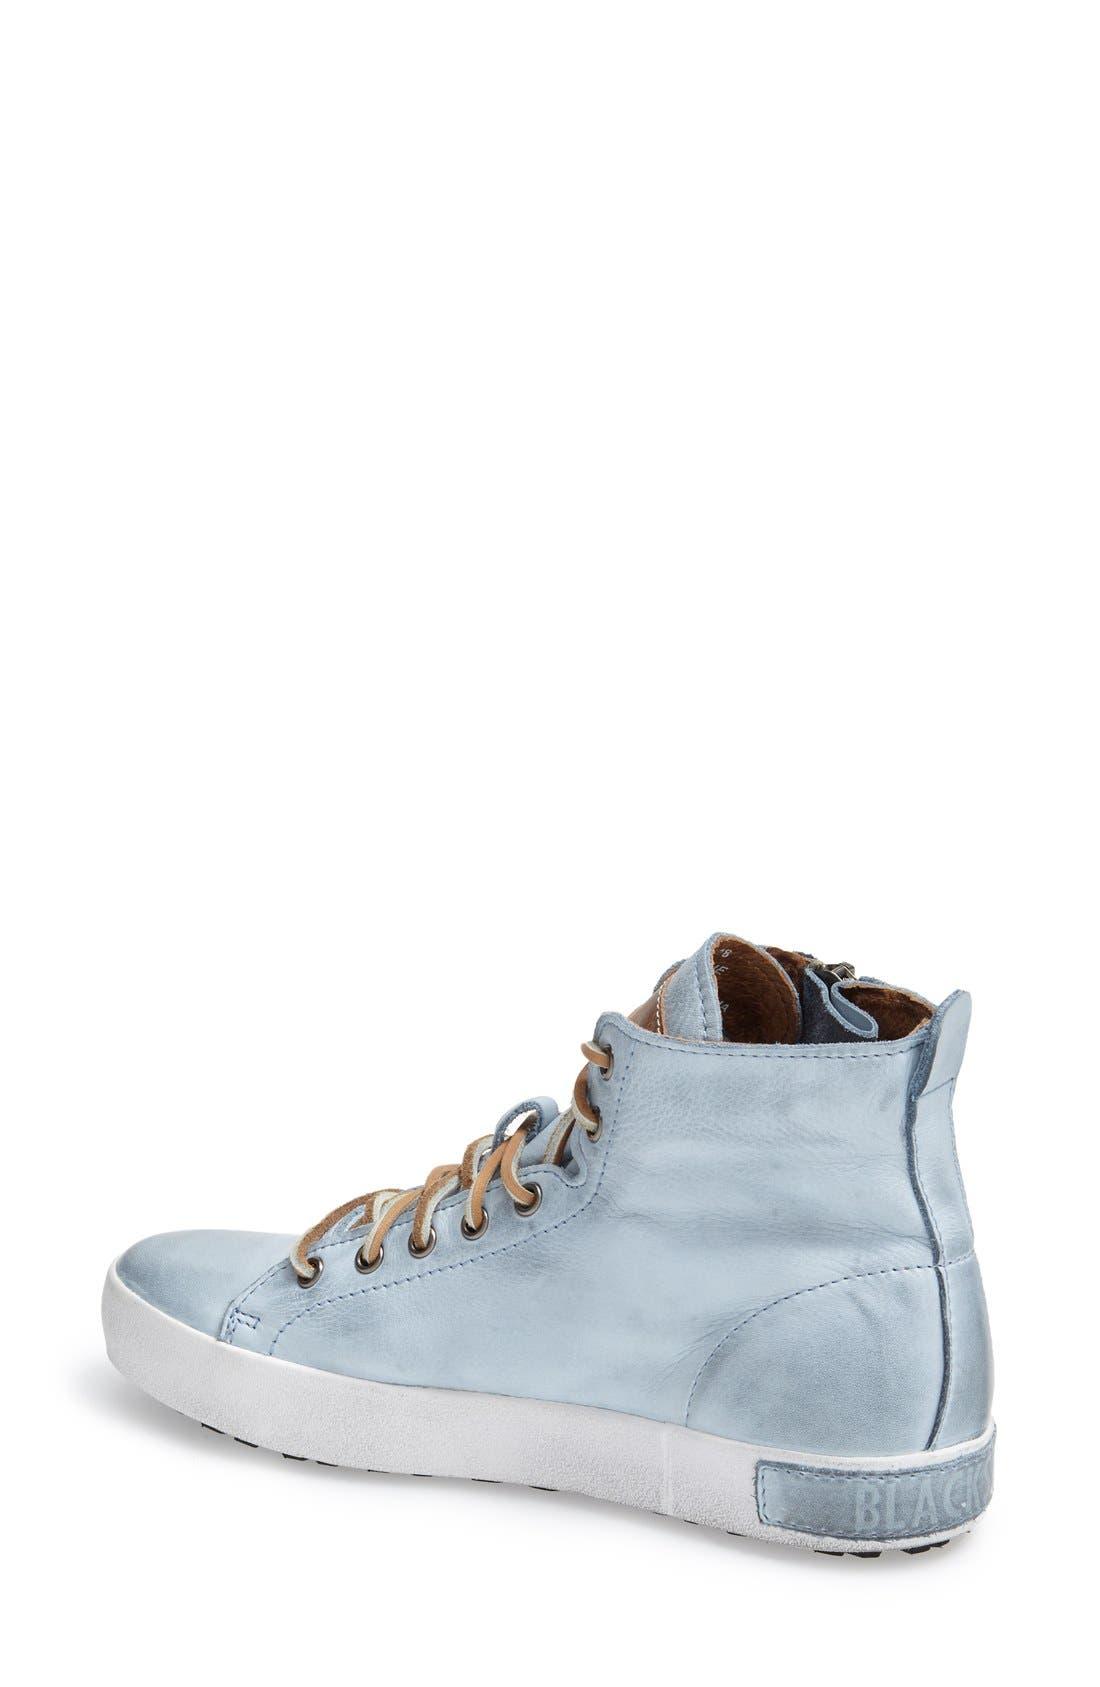 'JL' High Top Sneaker,                             Alternate thumbnail 2, color,                             421